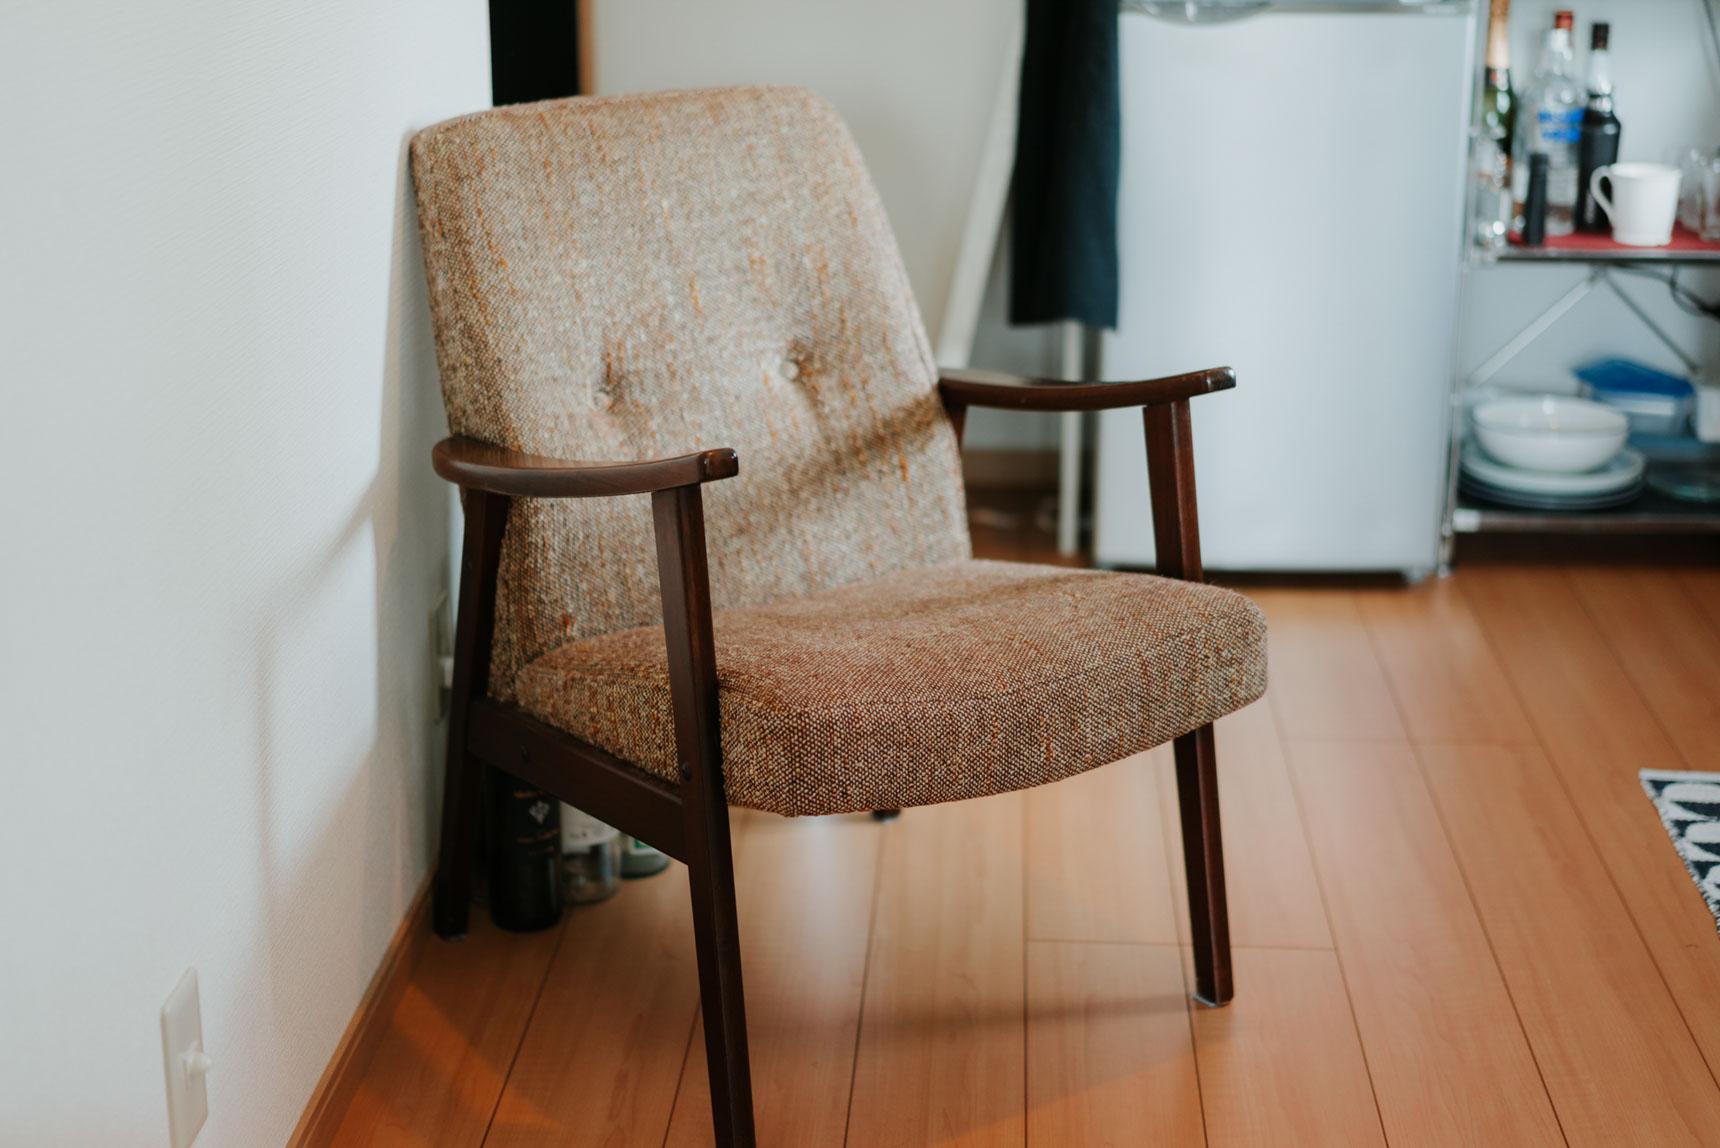 いかにも座り心地が良さそう。こちらは富ヶ谷のクスクスファニチャー(http://couscous-tokyo.jp/)で購入した、70年代の日本のもの。ライトの下に配置して、ゆっくり読書を楽しみます。